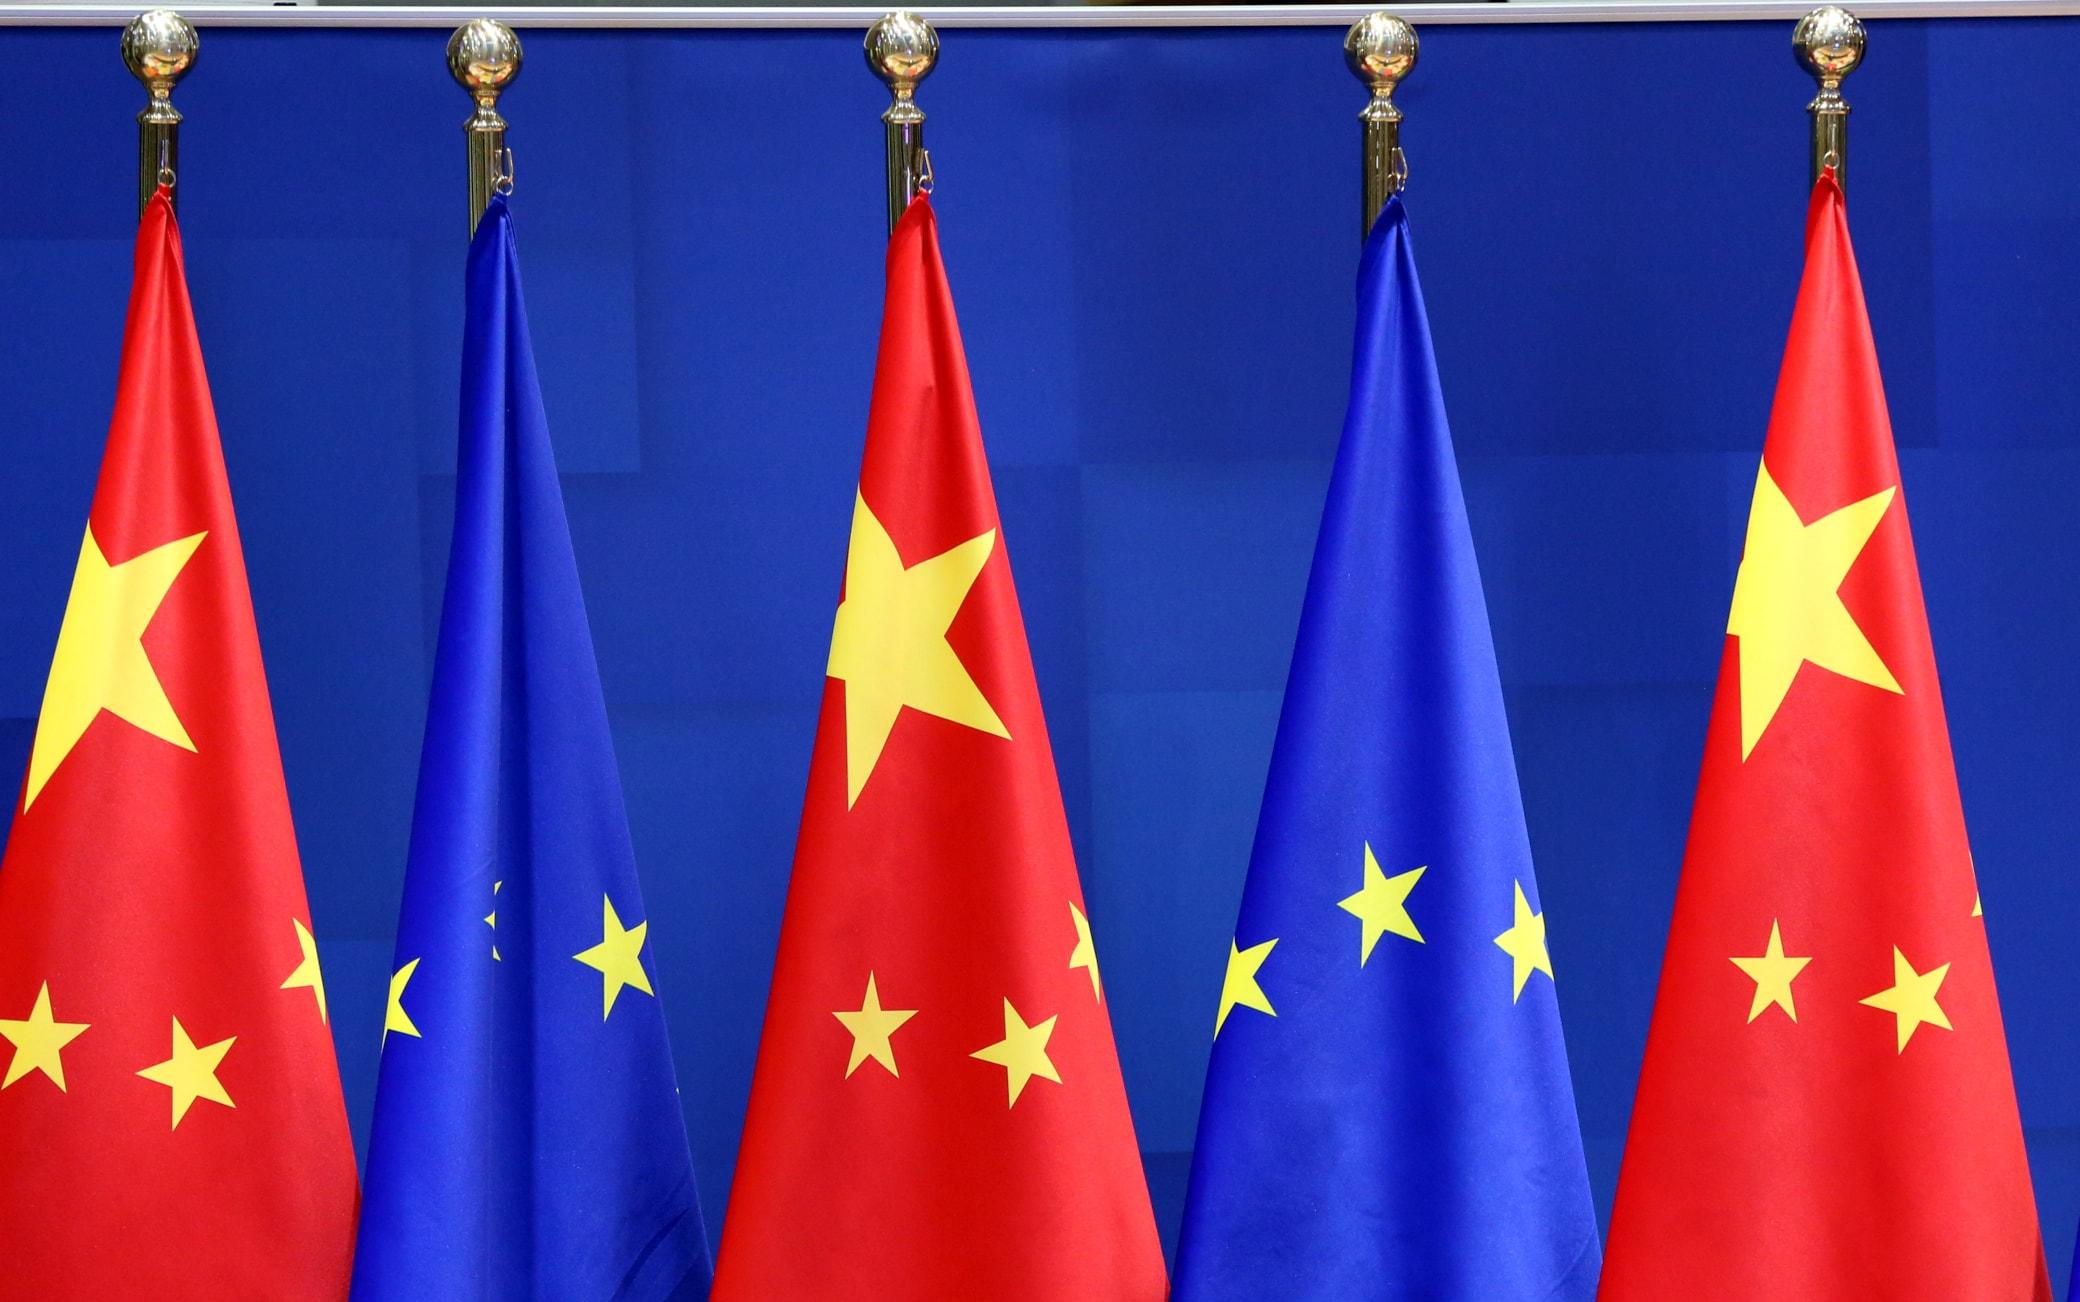 Relazioni Ue-Cina, un accordo sugli investimenti non fa primavera | Sky TG24